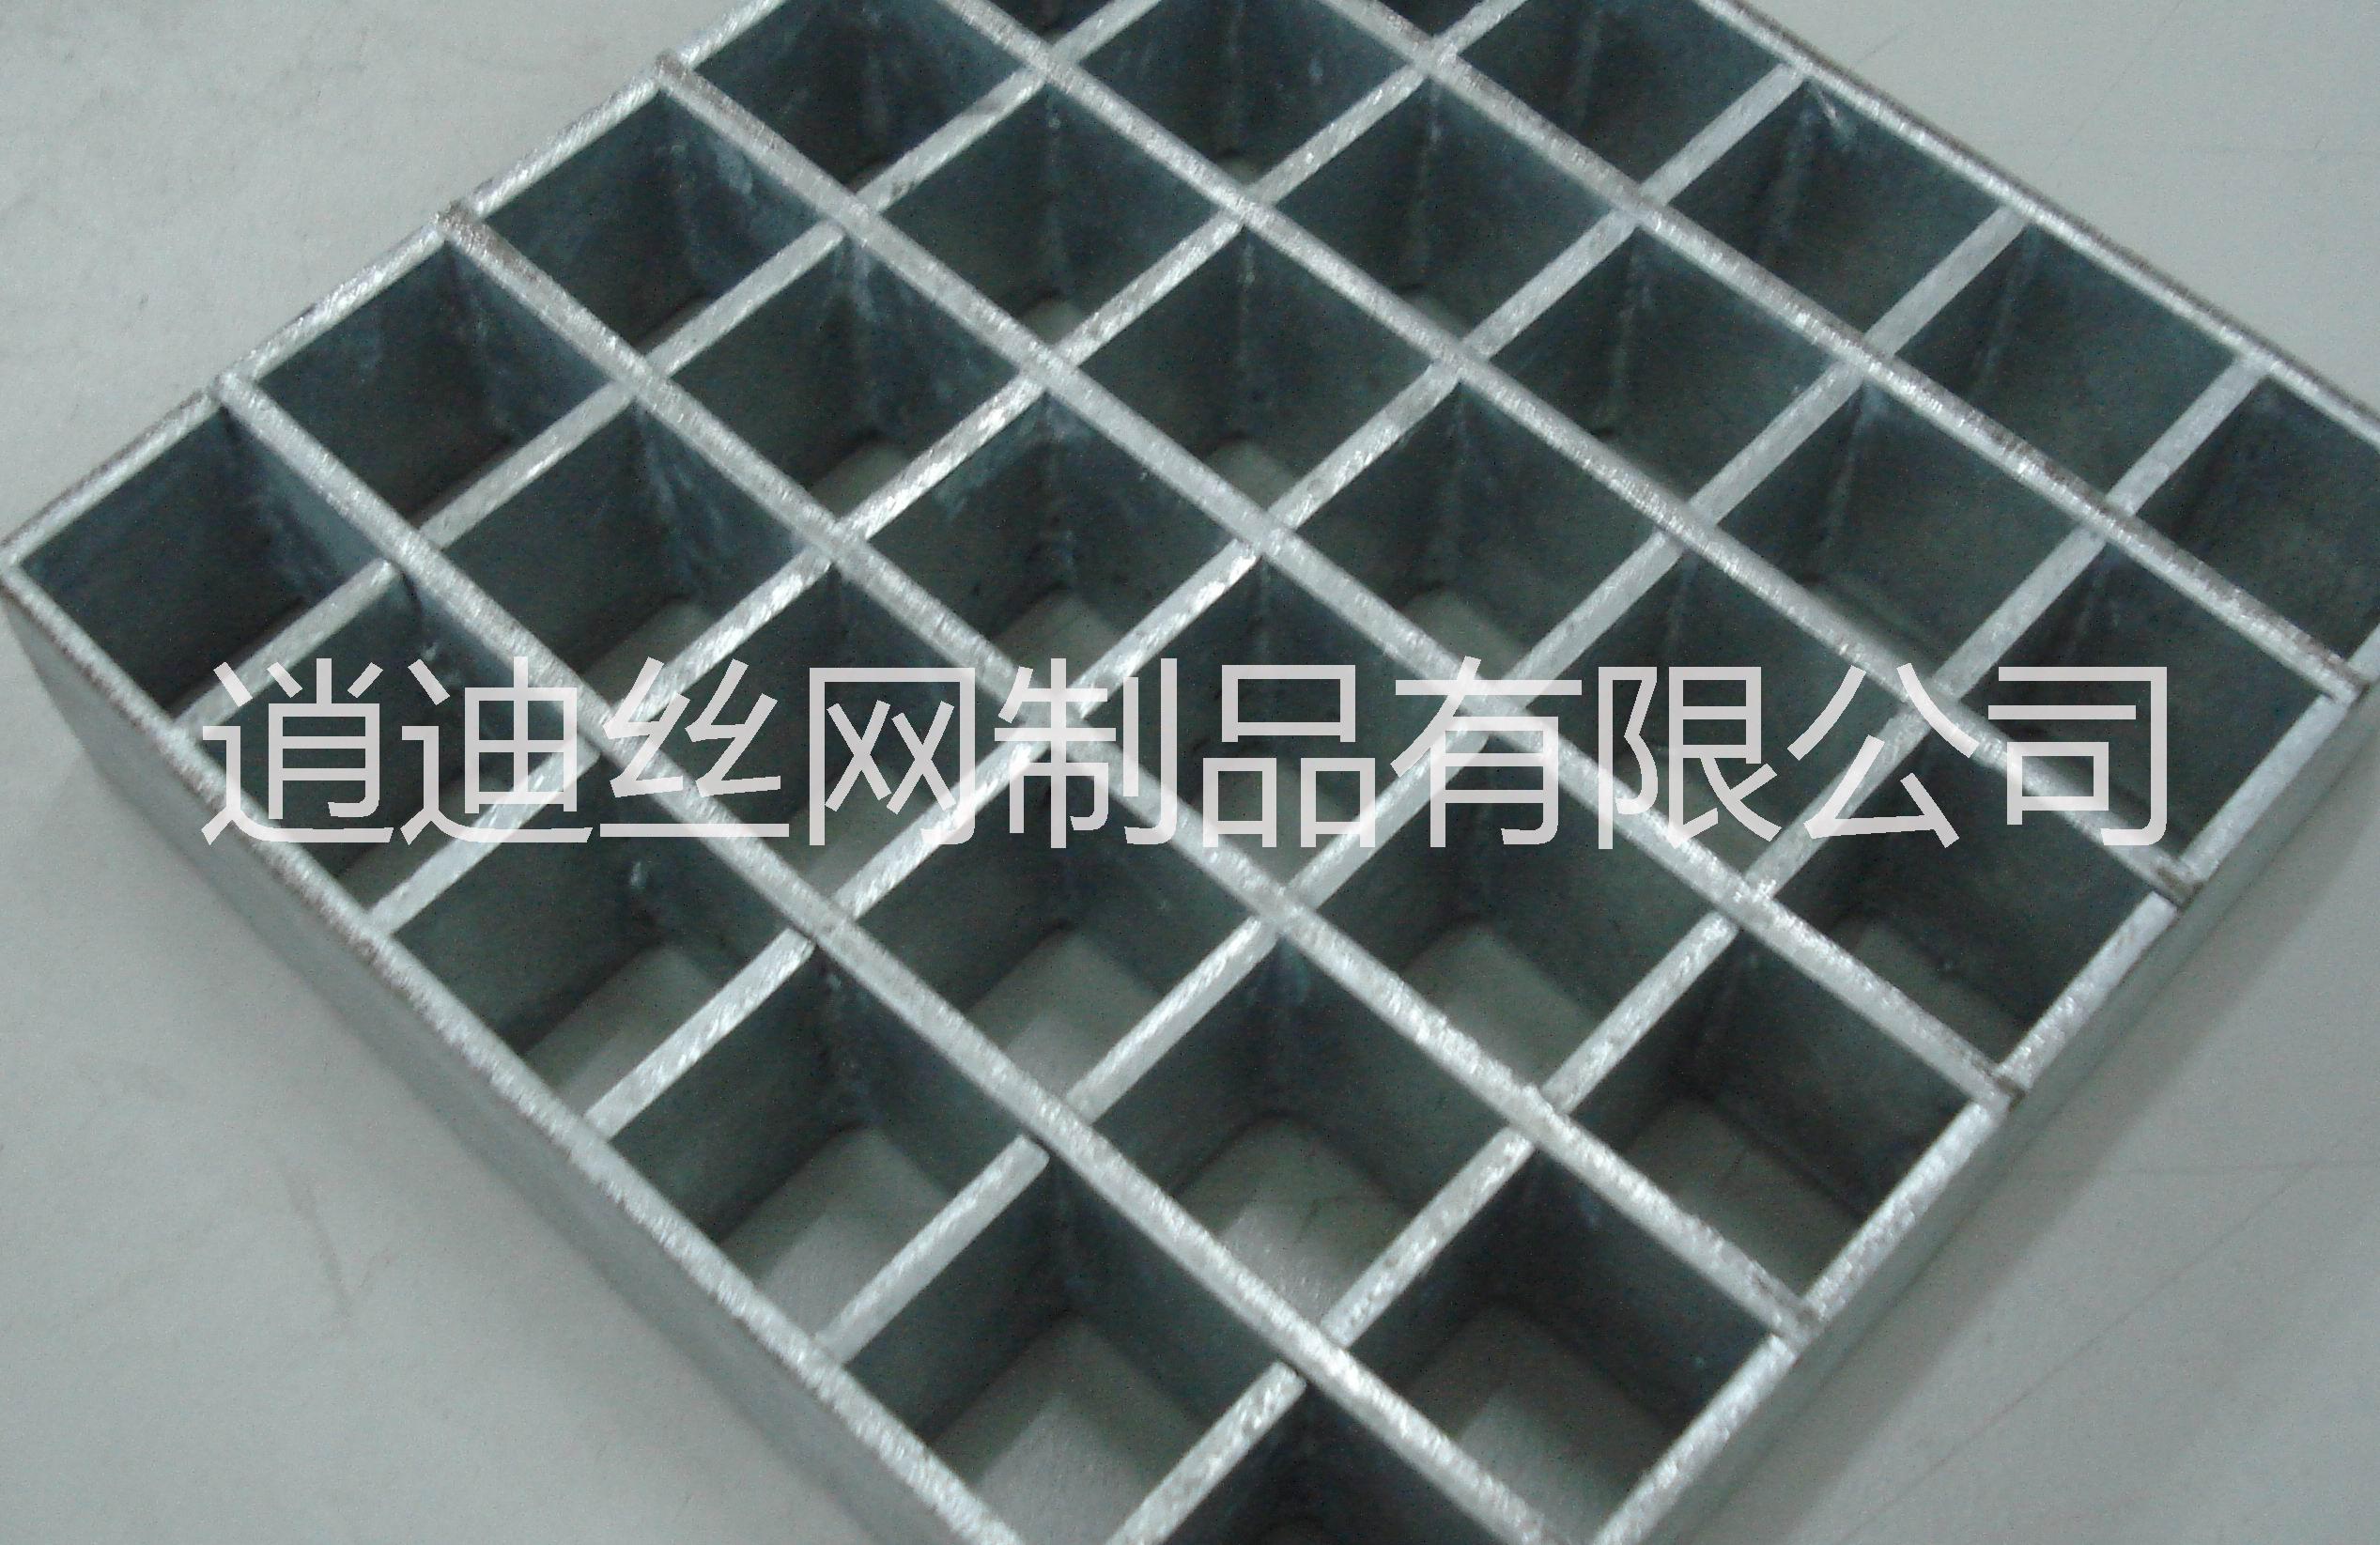 镀锌钢格板图片/镀锌钢格板样板图 (1)